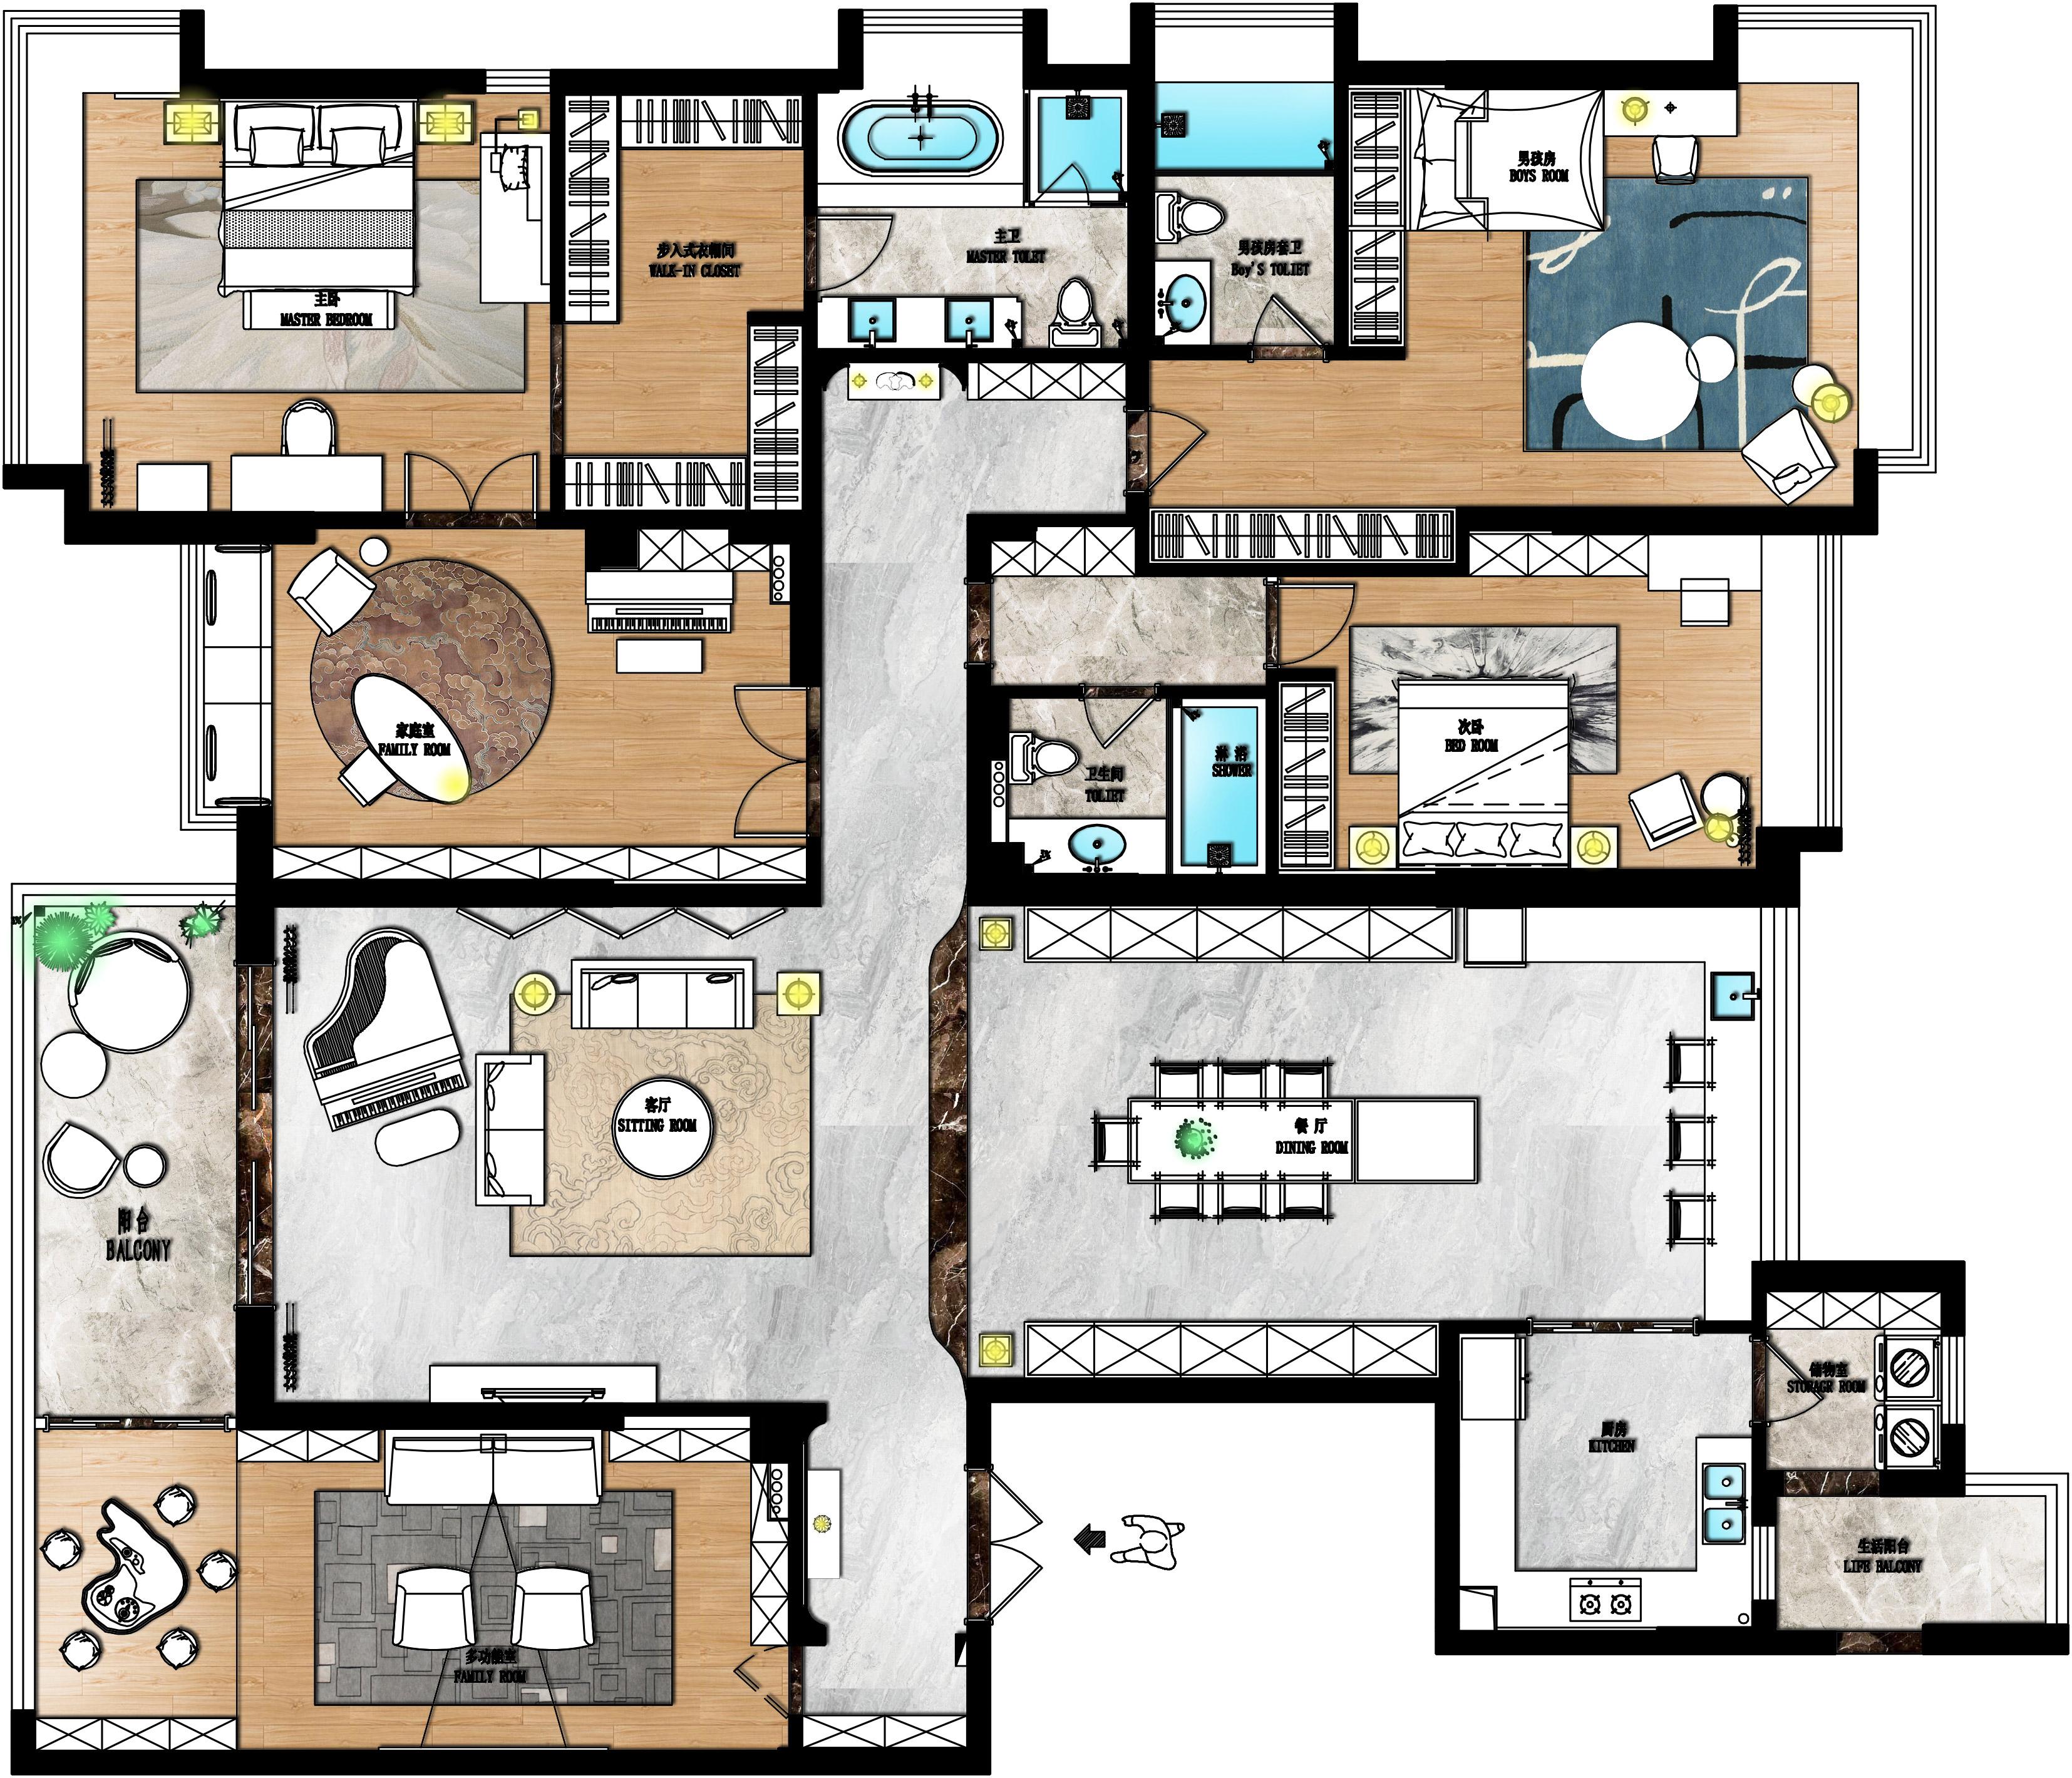 松山湖锦绣山河观园装修案例-330㎡新中式风格五房二厅装修效果图装修设计理念